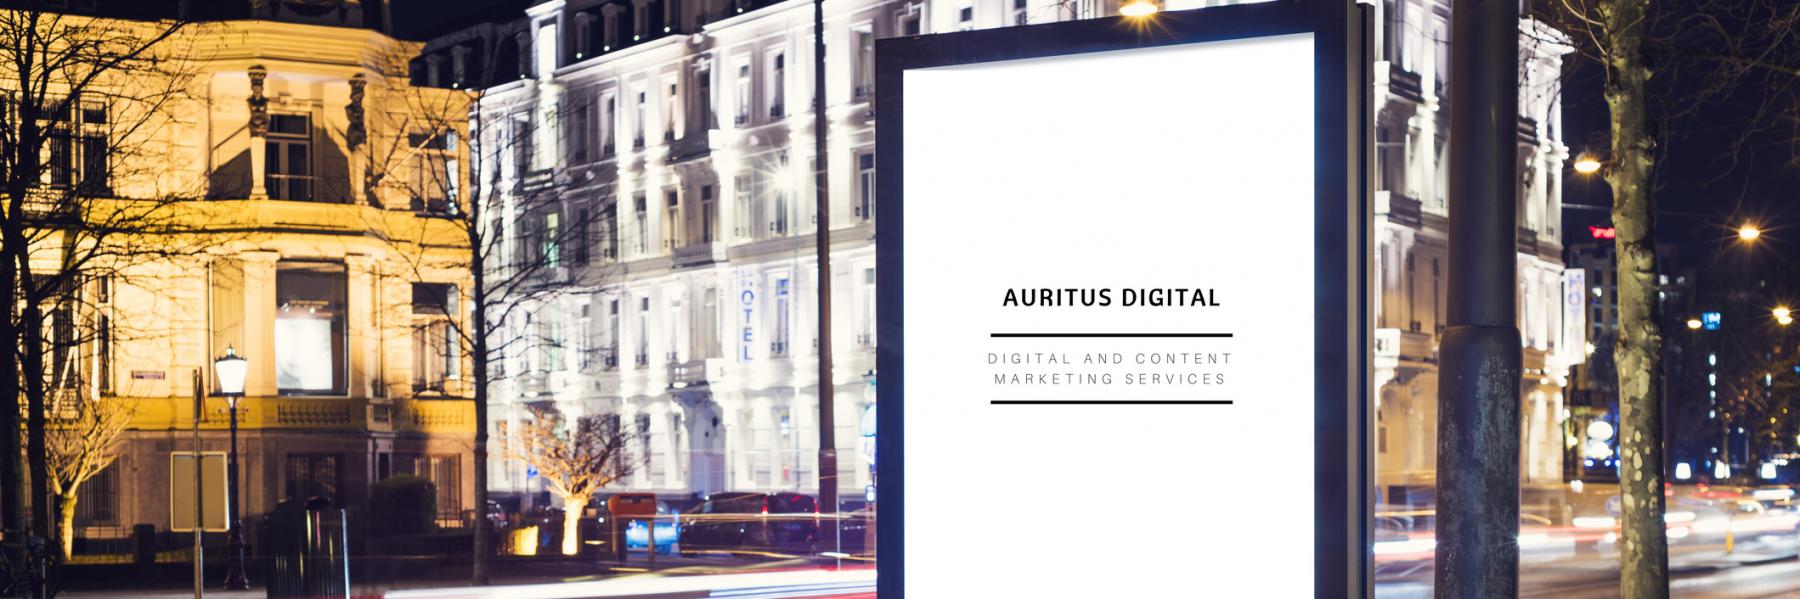 Auritus Digital